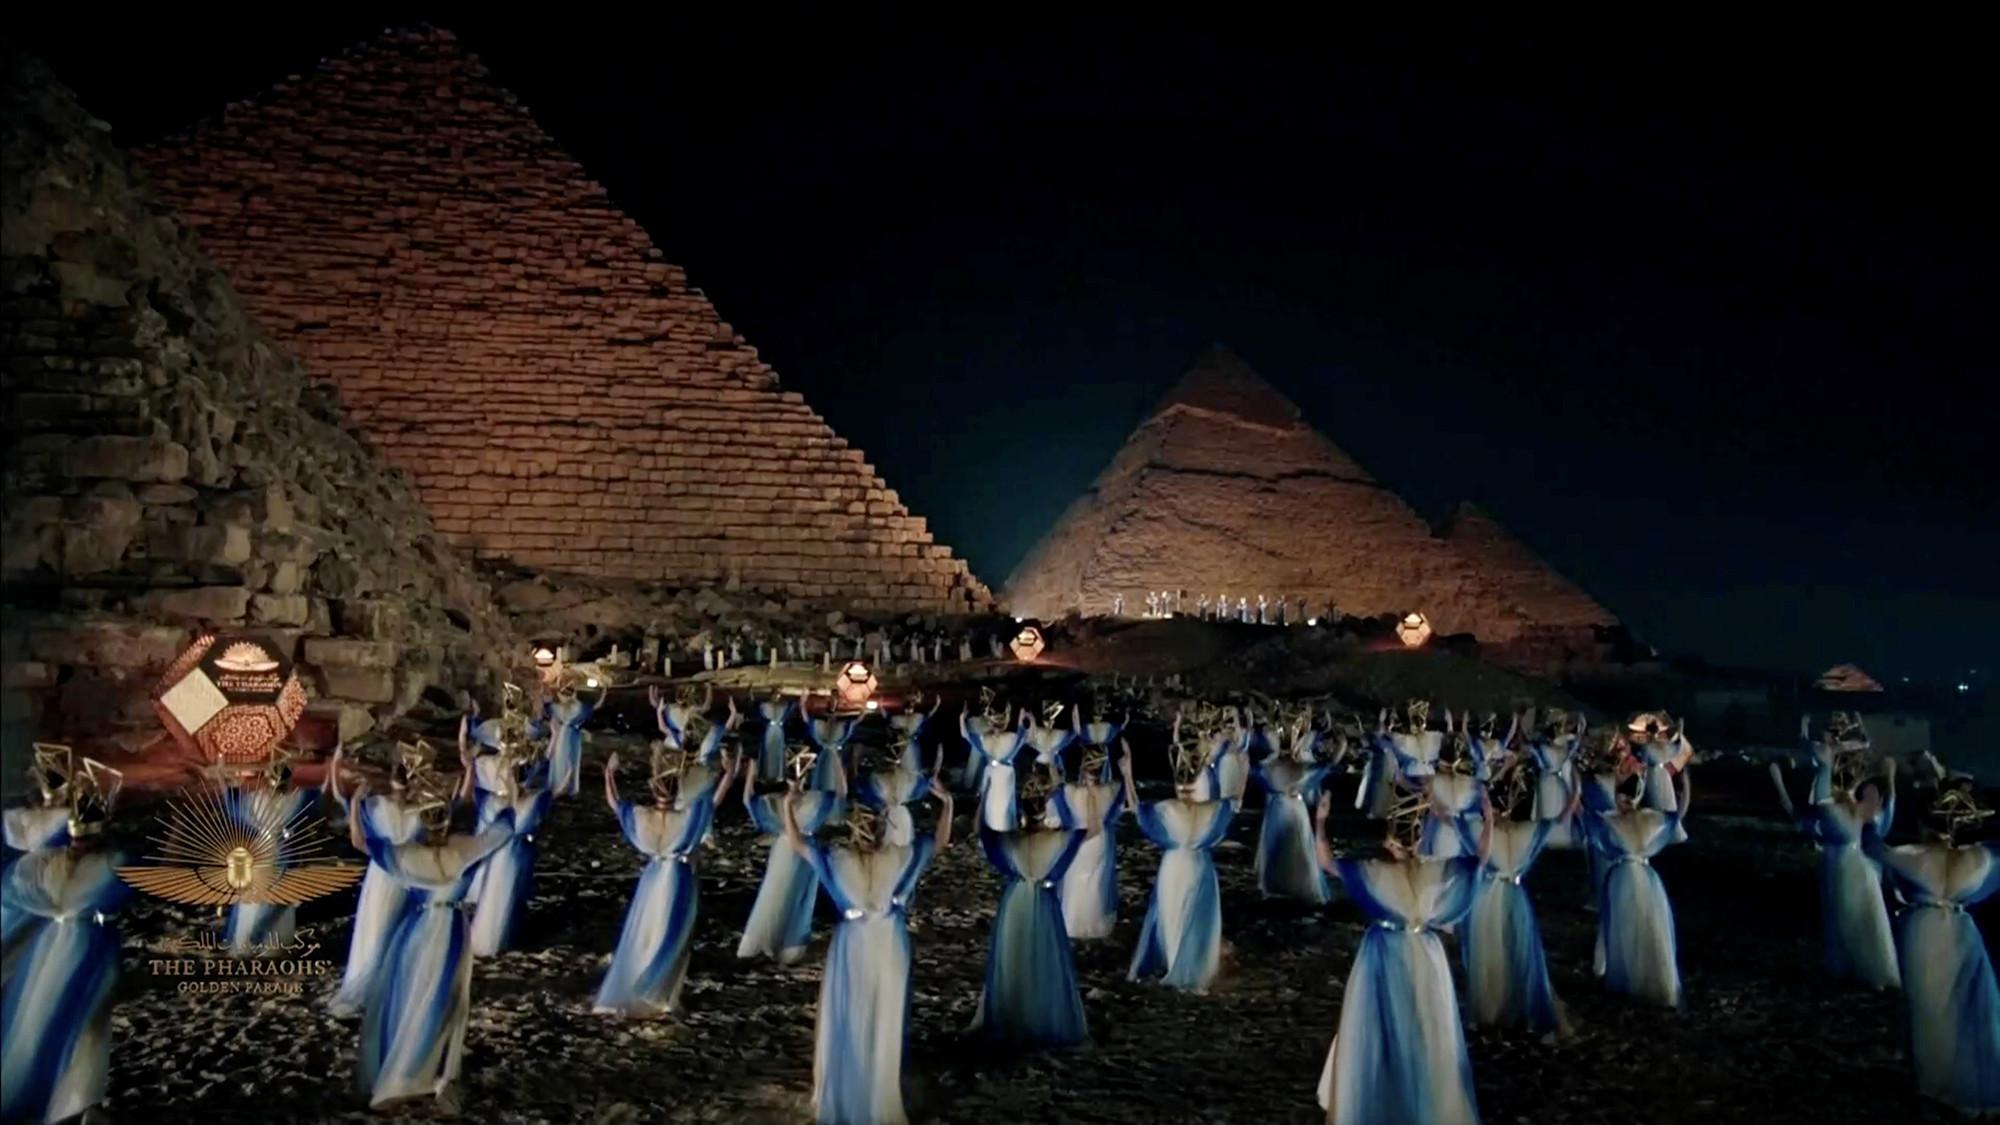 اختبر معرفتك بالحضارة المصرية القديمة.. مصري أصلي؟